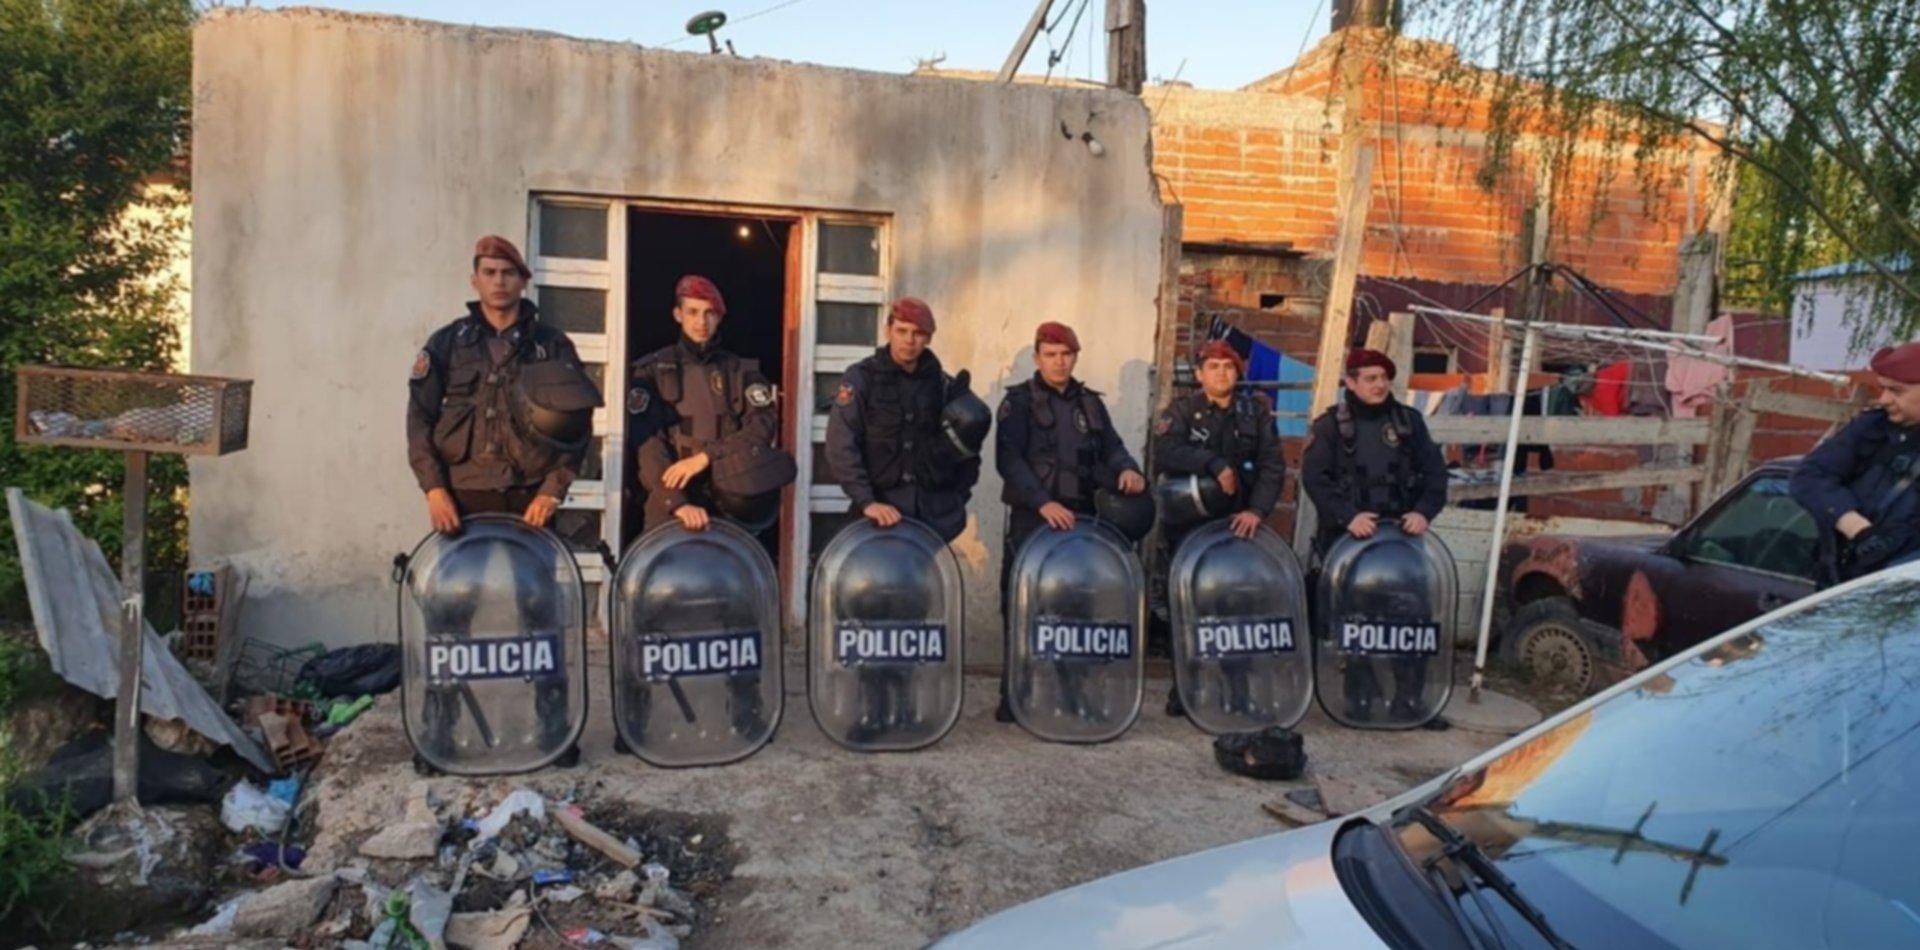 Cocaína, armas y dinero: desbarataron dos búnkers en La Plata y detuvieron a doce personas